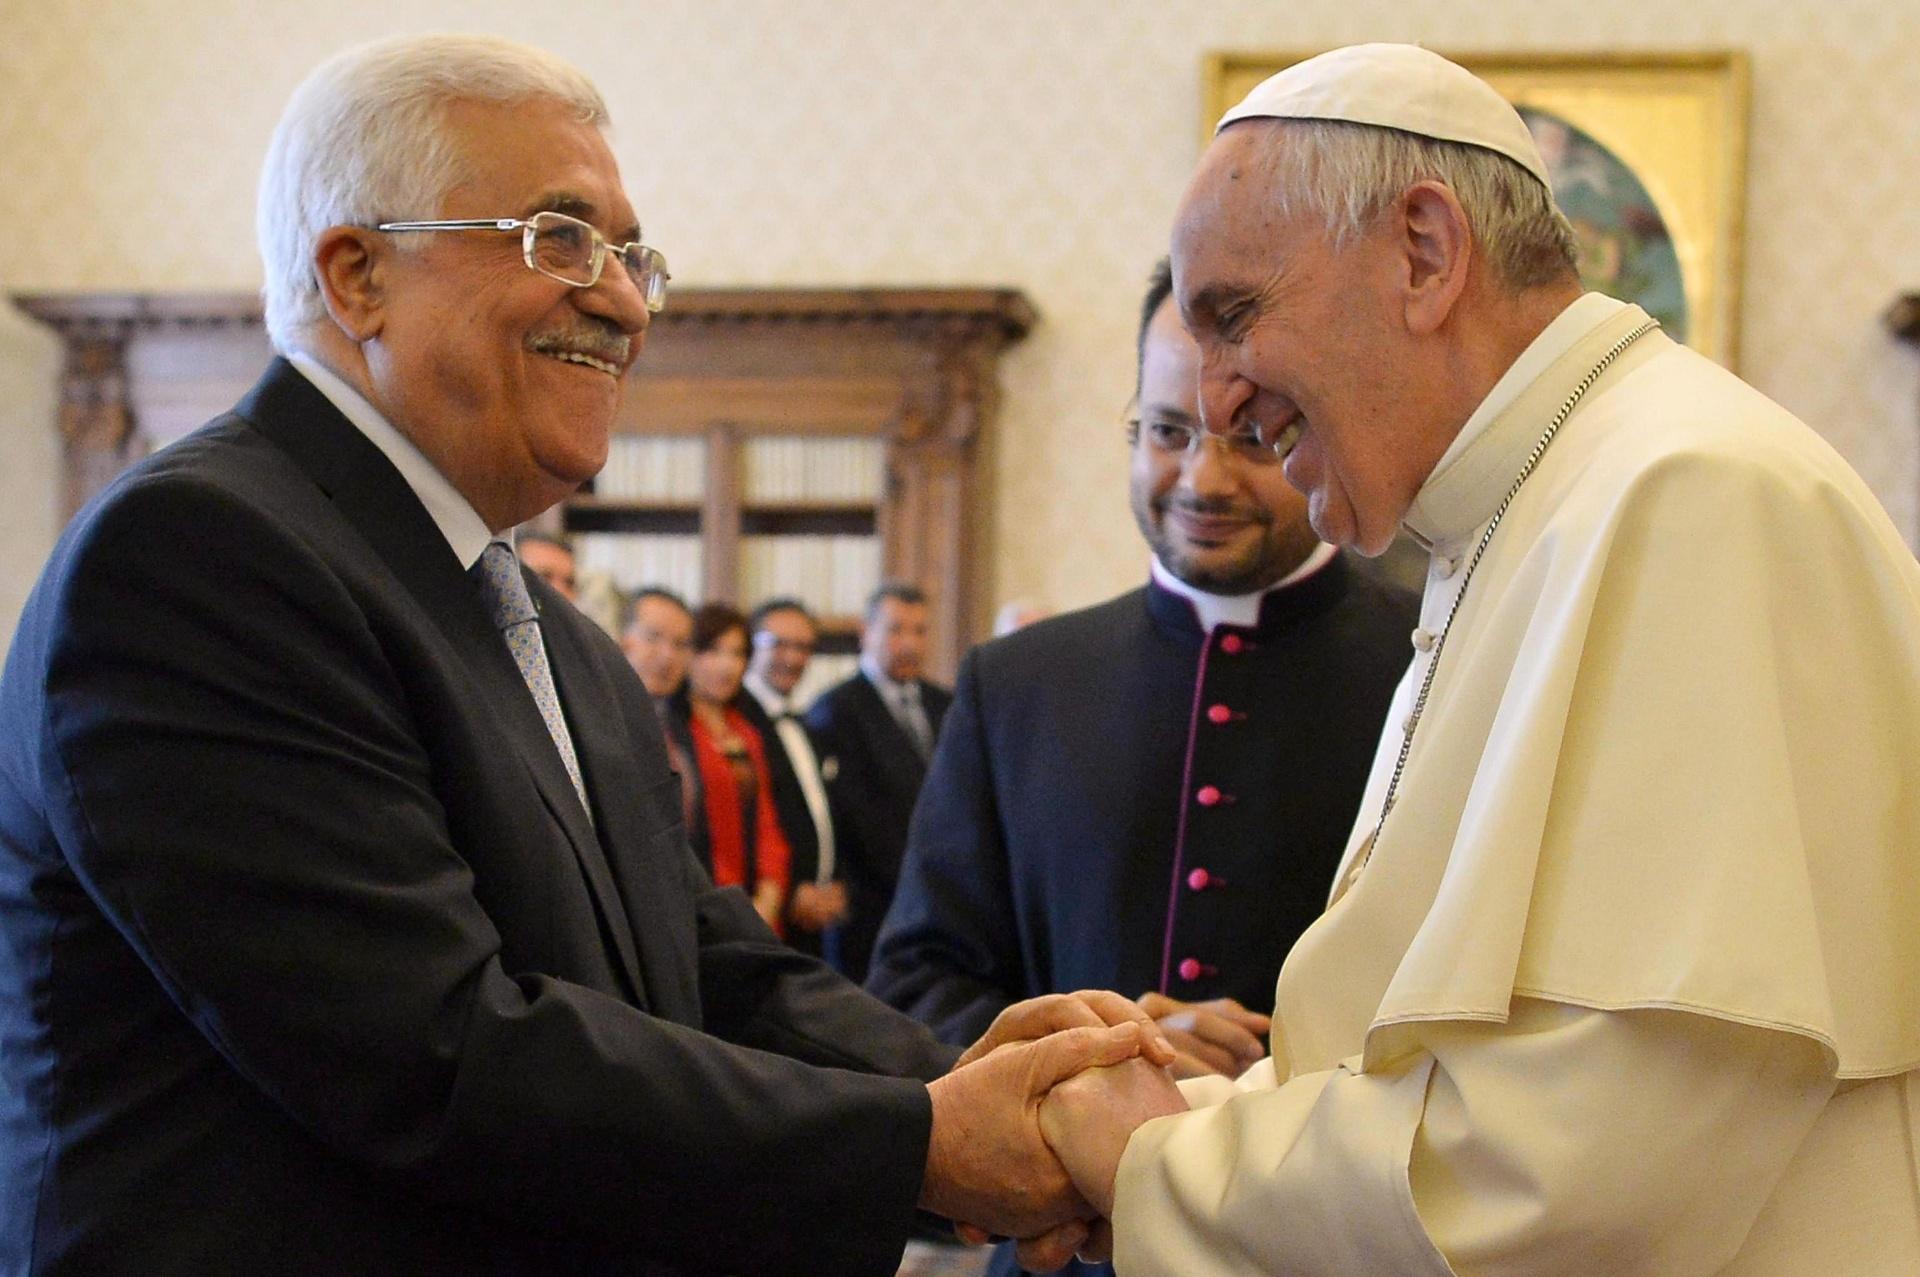 16.mai.2015 - O presidente da Autoridade Palestina, Mahmoud Abbas, e o papa Francisco se cumprimentam durante audiência privada no Vaticano. O Vaticano reconheceu nesta semana a Palestina como Estado independente, aumentando a relevância do encontro entre os líderes